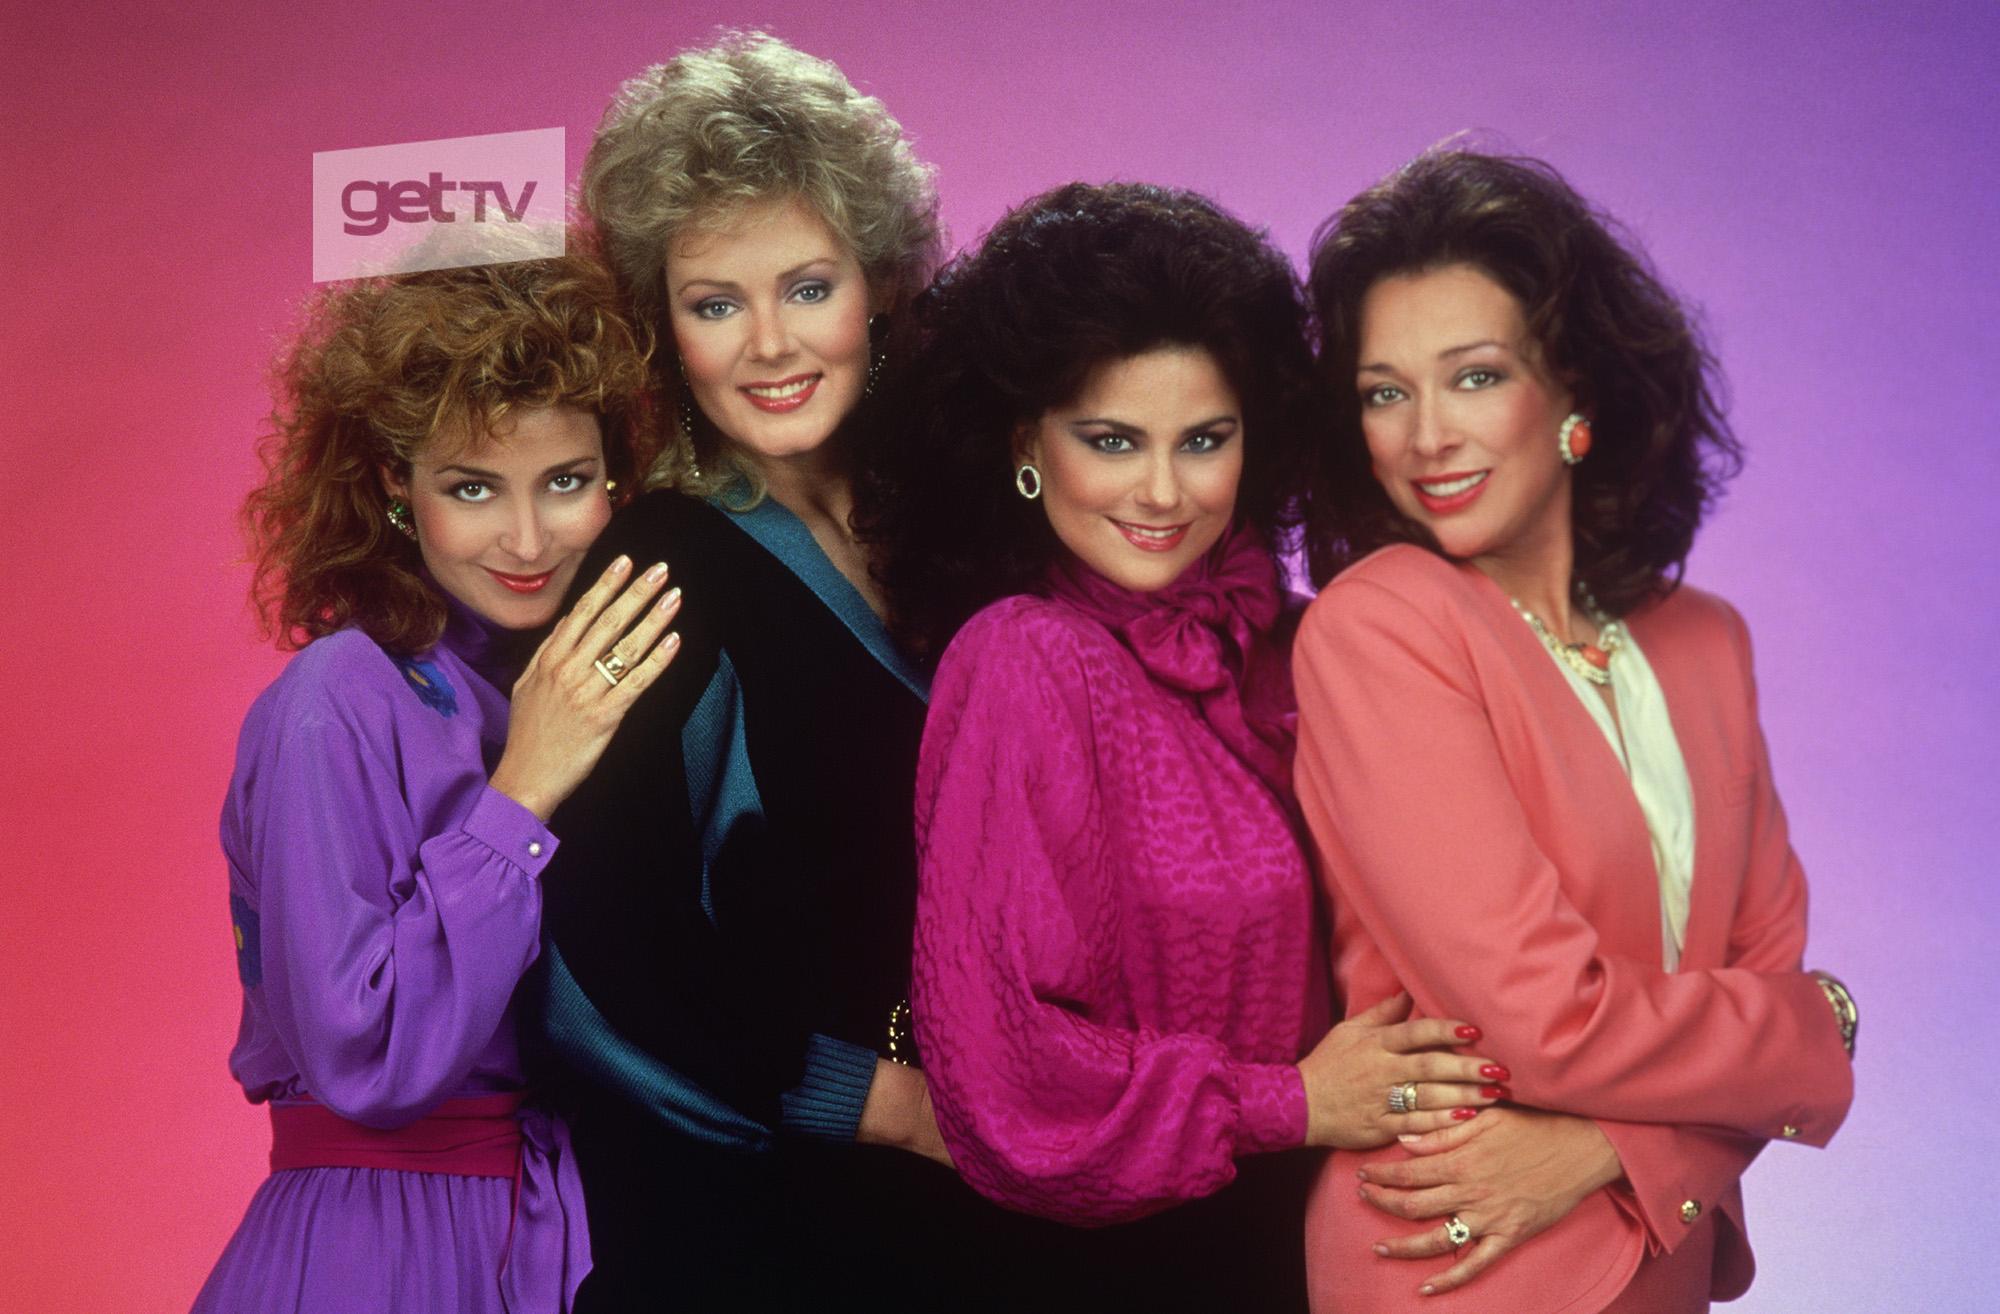 Мода в 80-ые фото